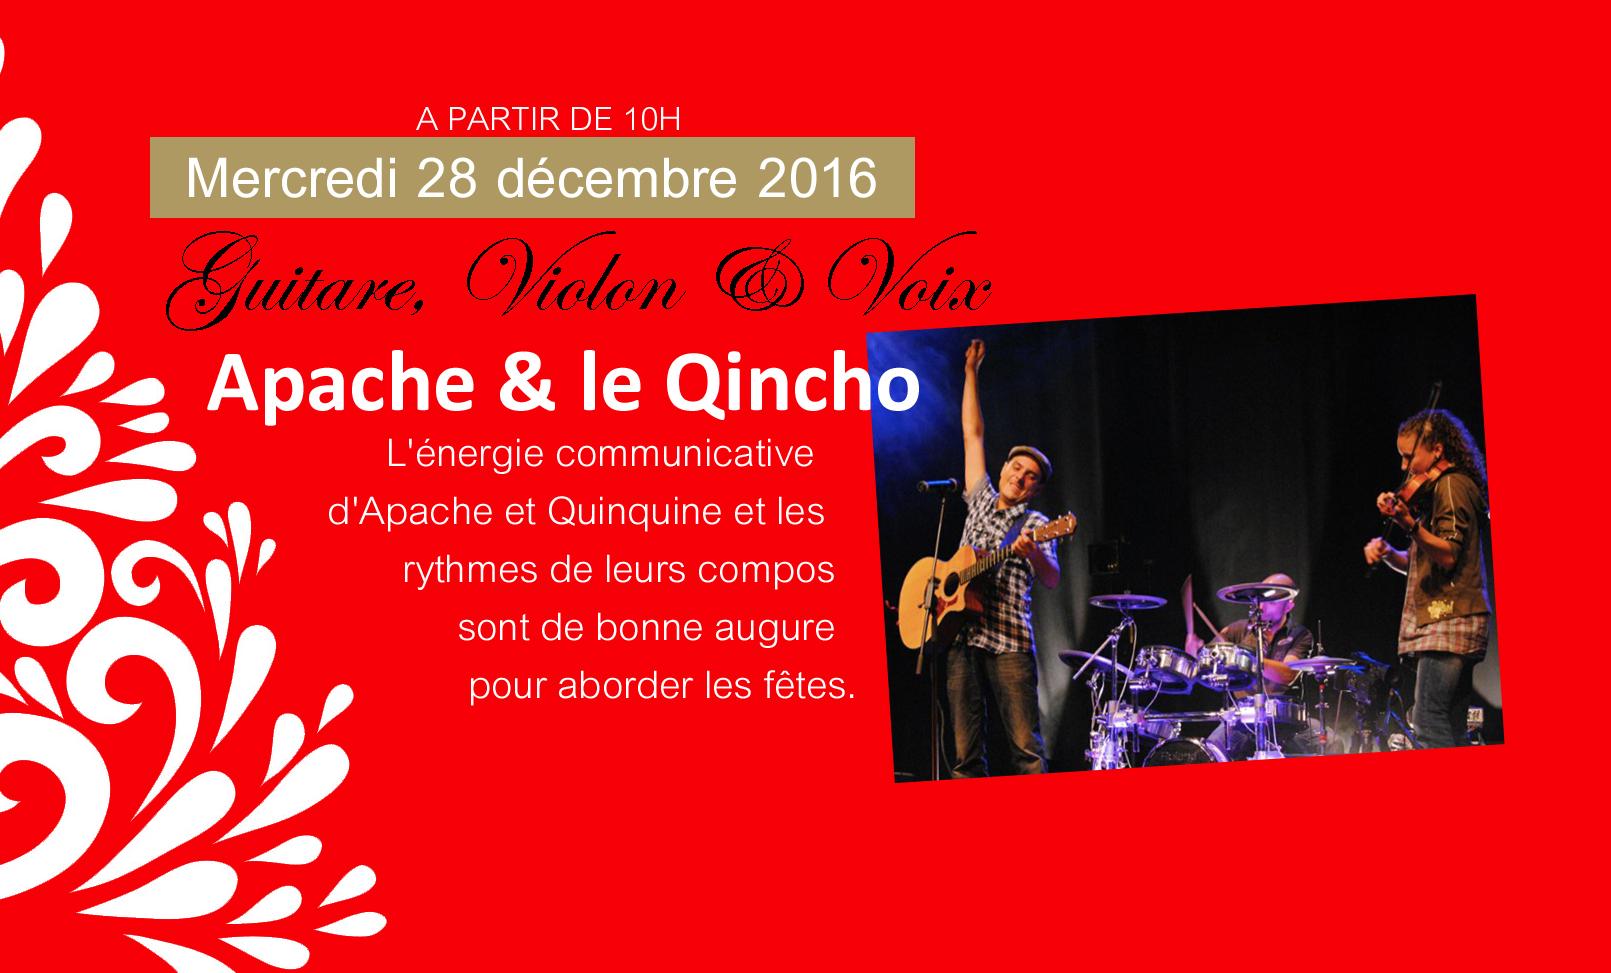 halles_narbonne_animation_apache_et_le_qincho_2016